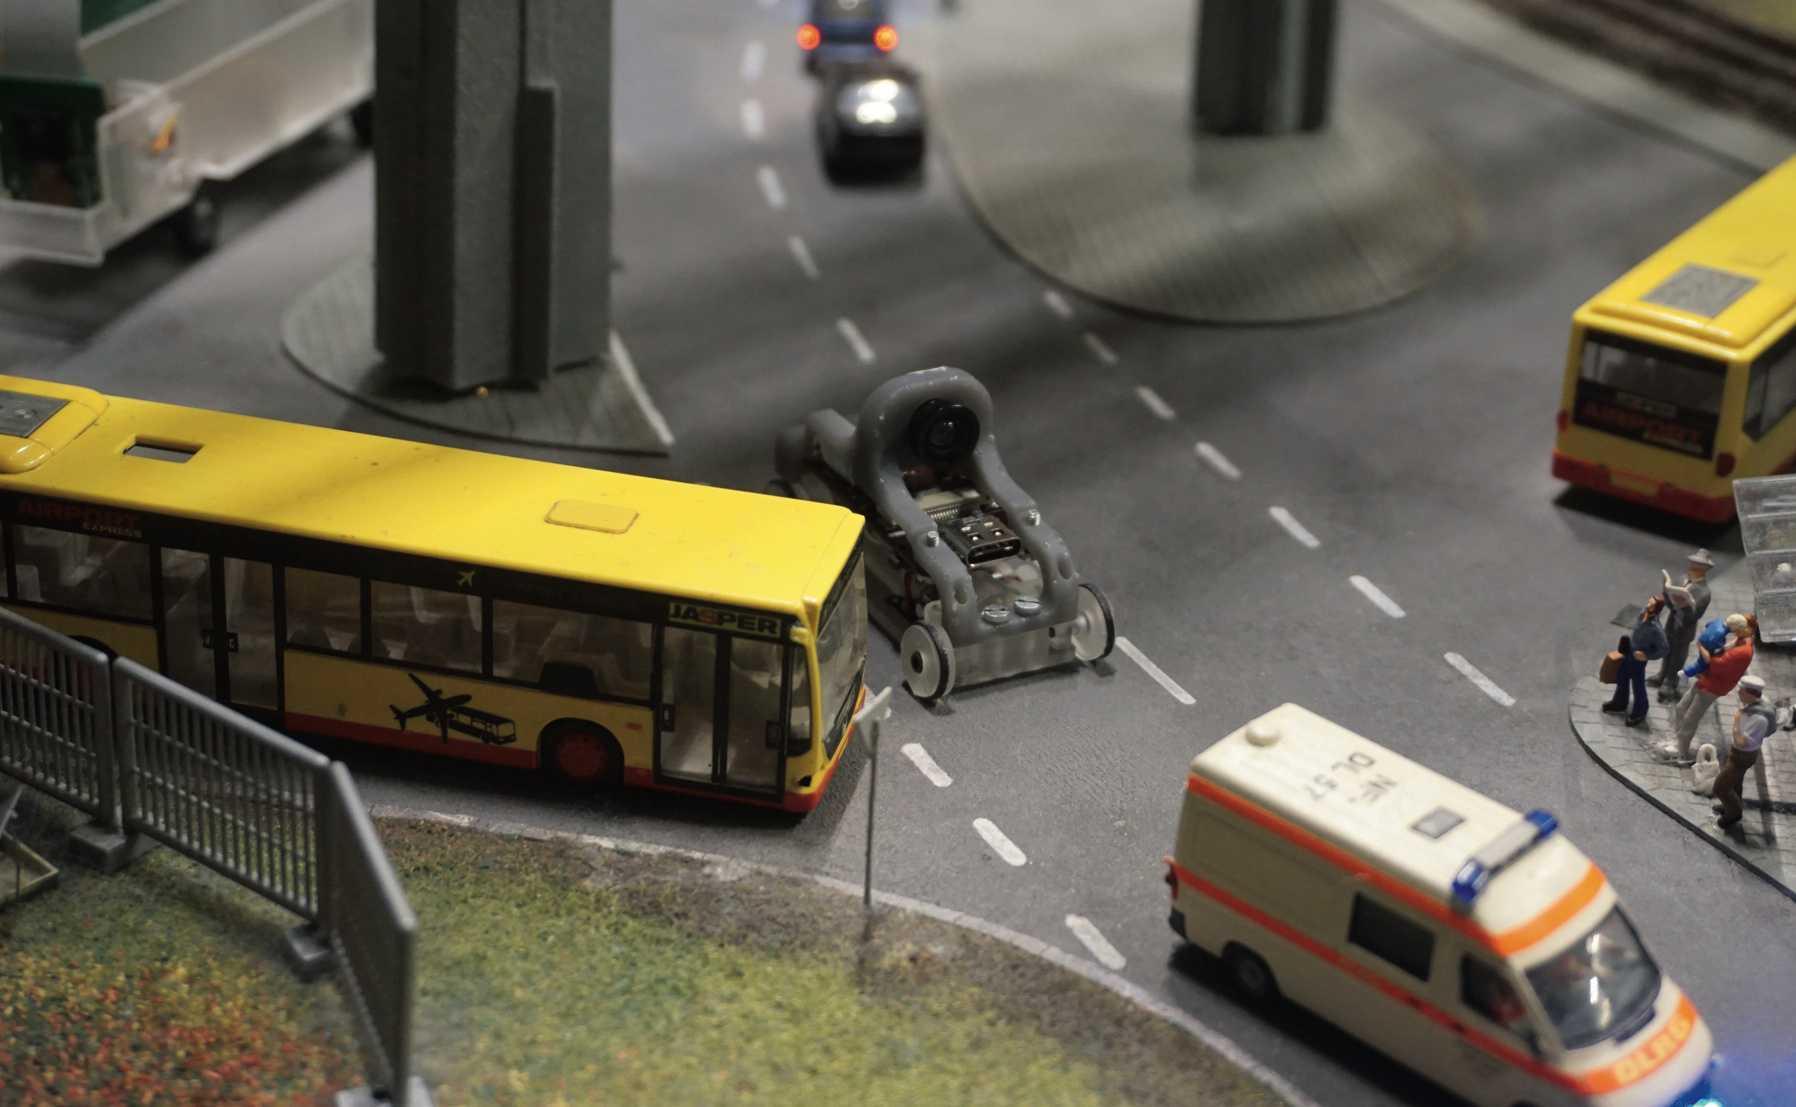 Visuelle Navigation im Maßstab 1 zu 87: Ein Minifahrzeug mit Raspi-Steuerung und Kameramodul zwischen Modellautos im Hamburger Miniatur-Wunderland.